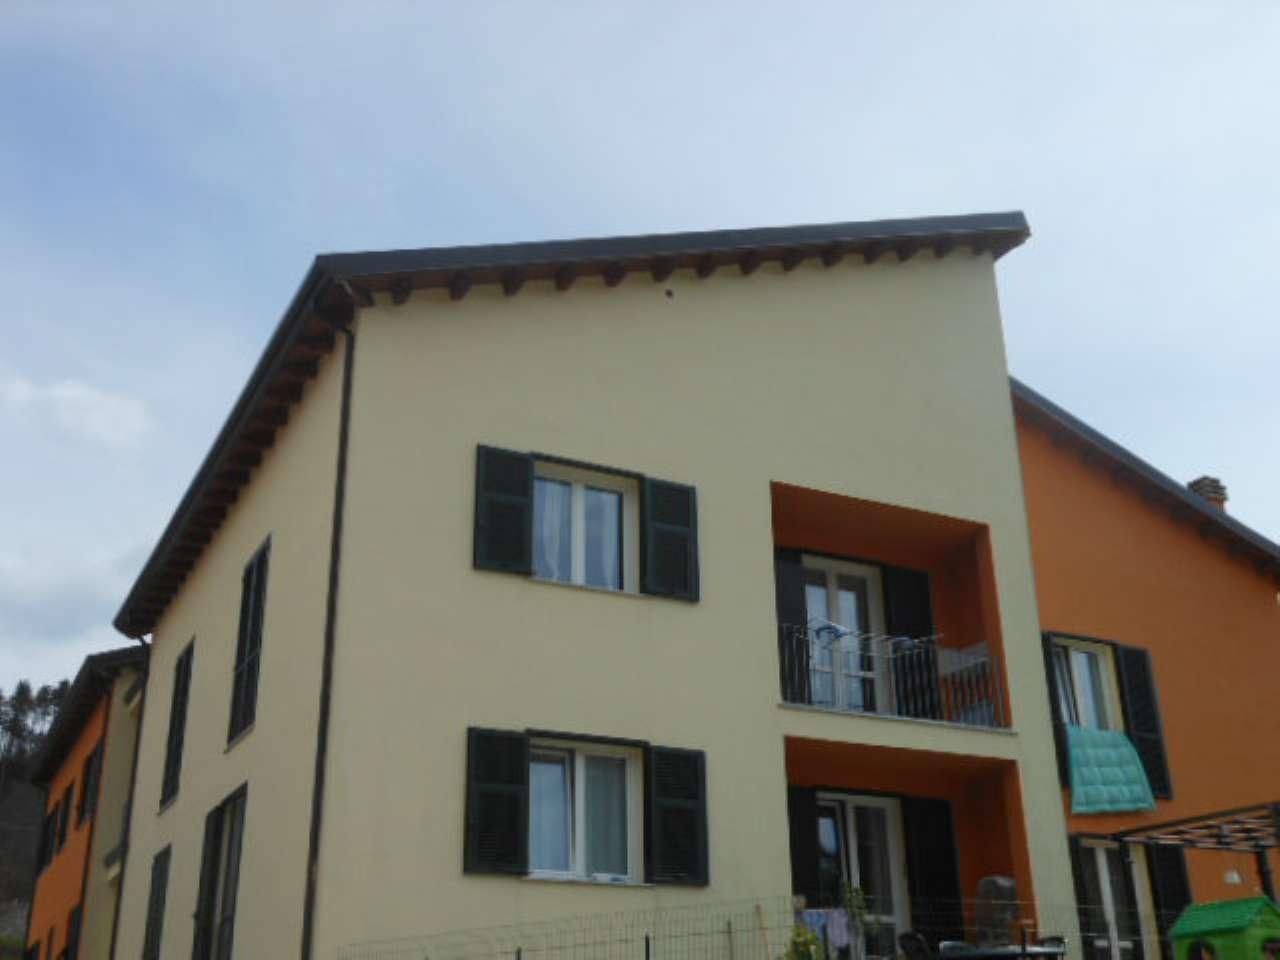 Appartamento in vendita a Riccò del Golfo di Spezia, 5 locali, prezzo € 125.000 | CambioCasa.it